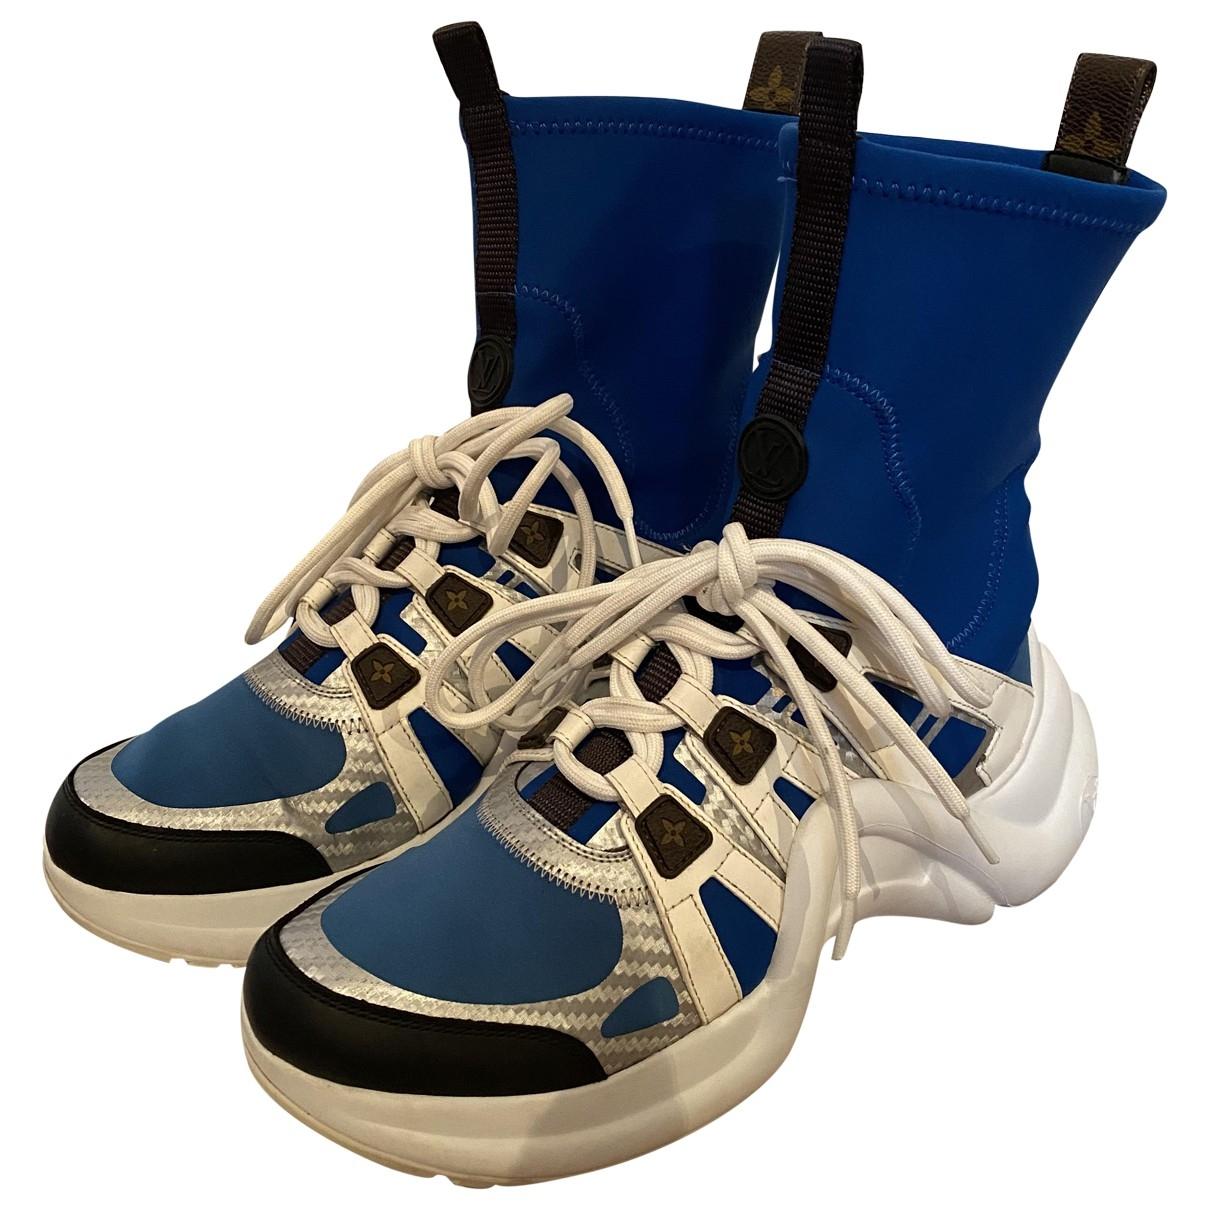 Louis Vuitton - Baskets Archlight pour femme en cuir - bleu